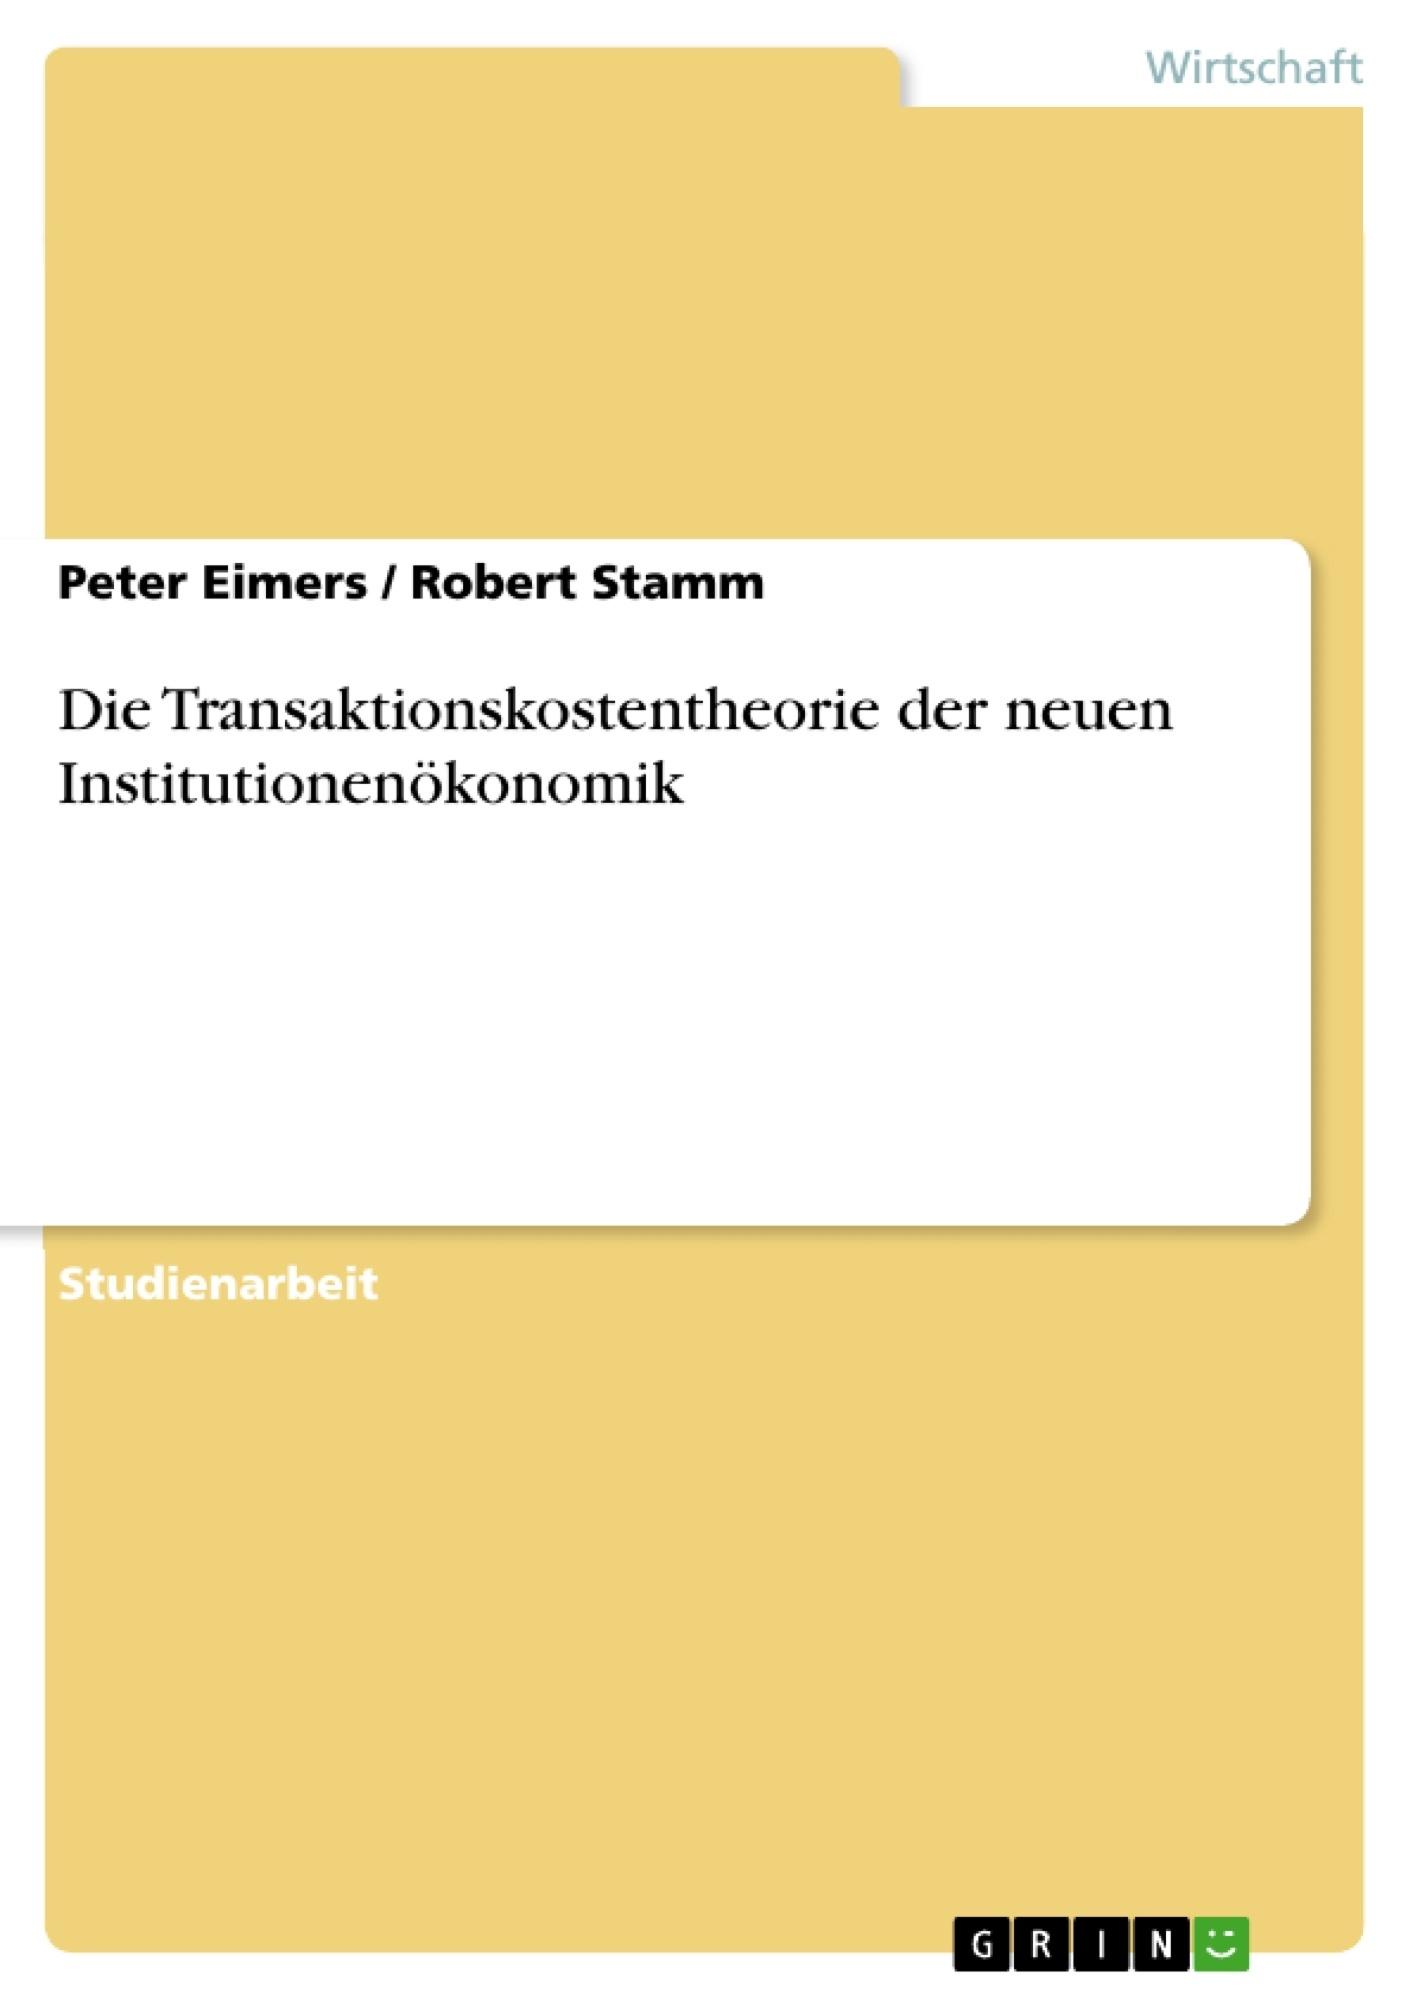 Titel: Die Transaktionskostentheorie der neuen Institutionenökonomik